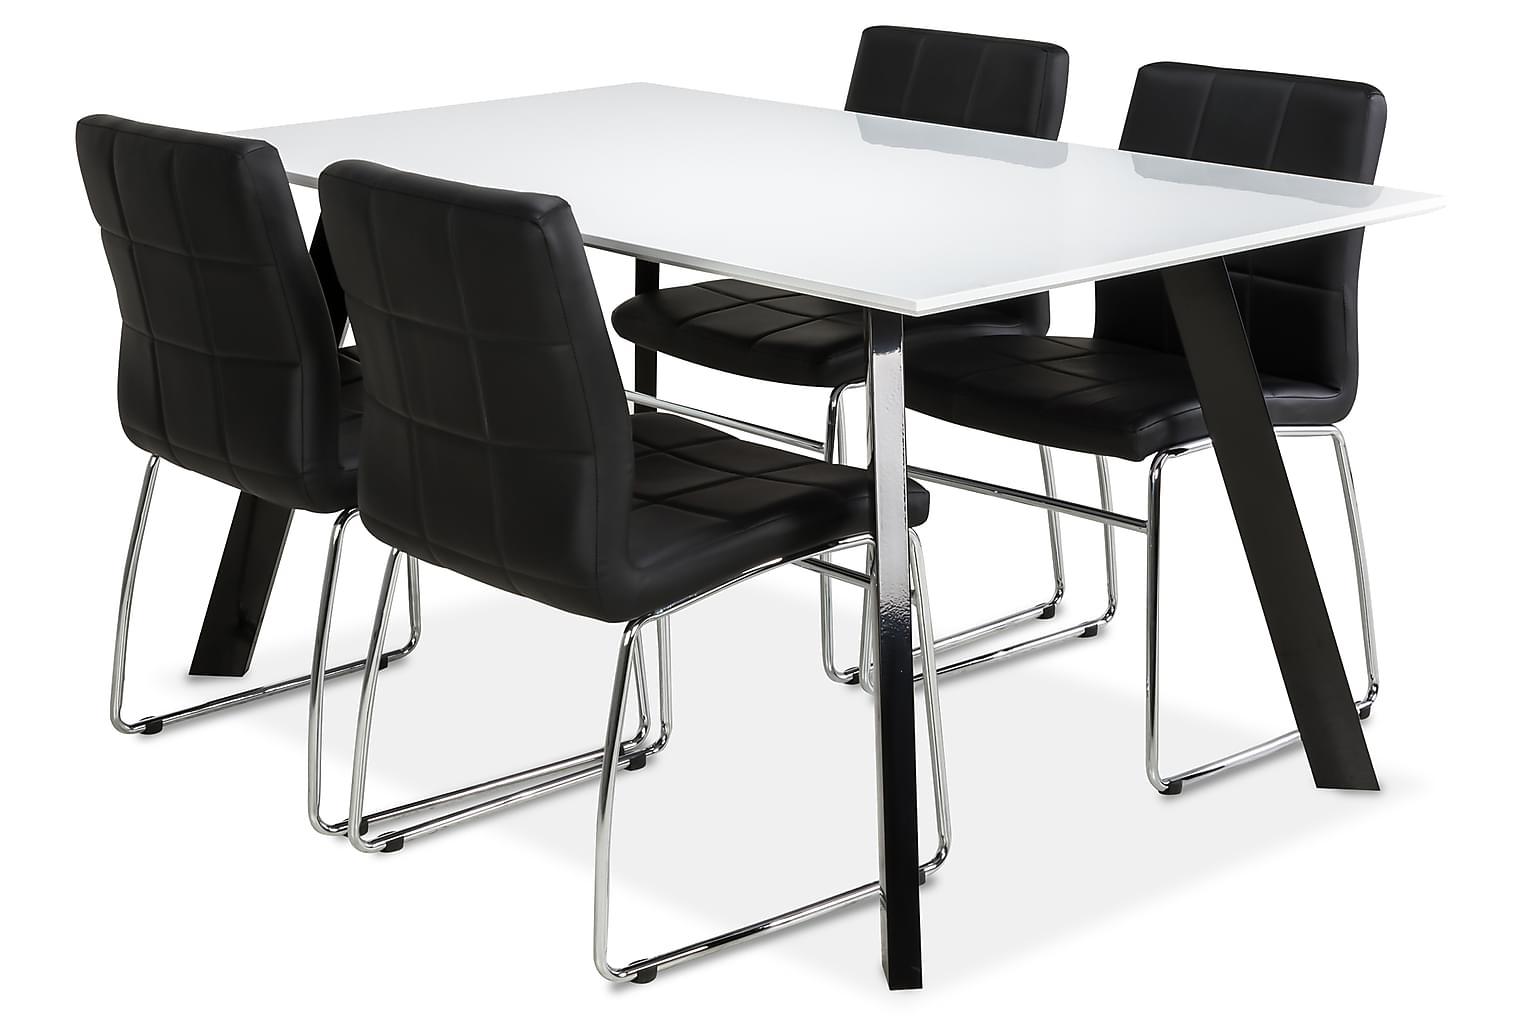 LADY Pöytä 150 Valkoinen/Musta + 4 PROVO Tuolia Musta